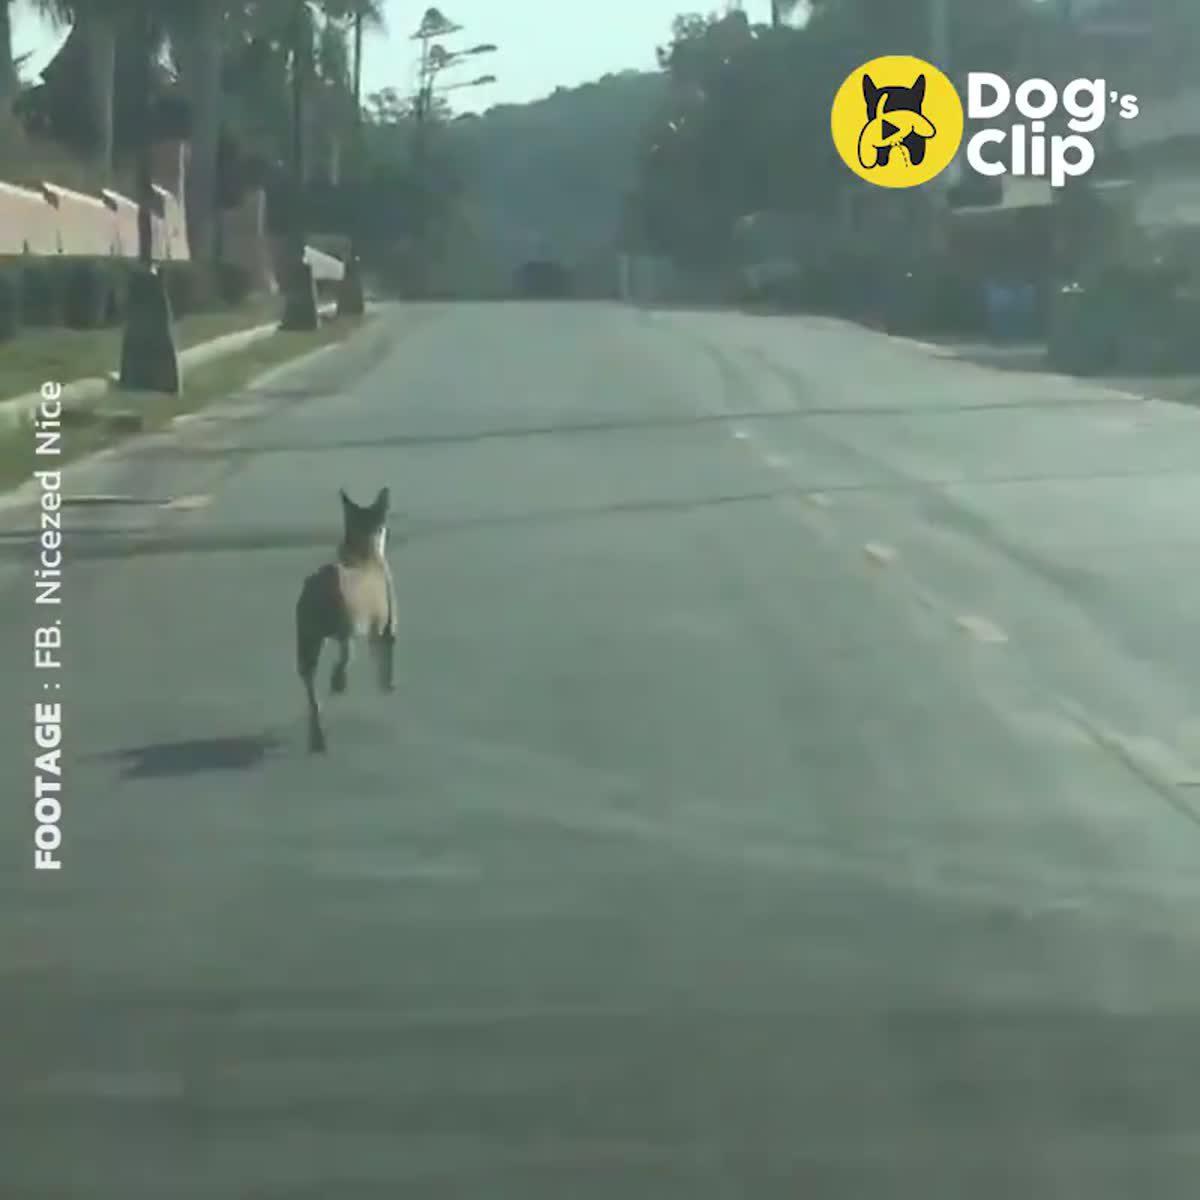 น้องหมาวิ่งตามรถเจ้านายที่กำลังย้ายบ้านหนี